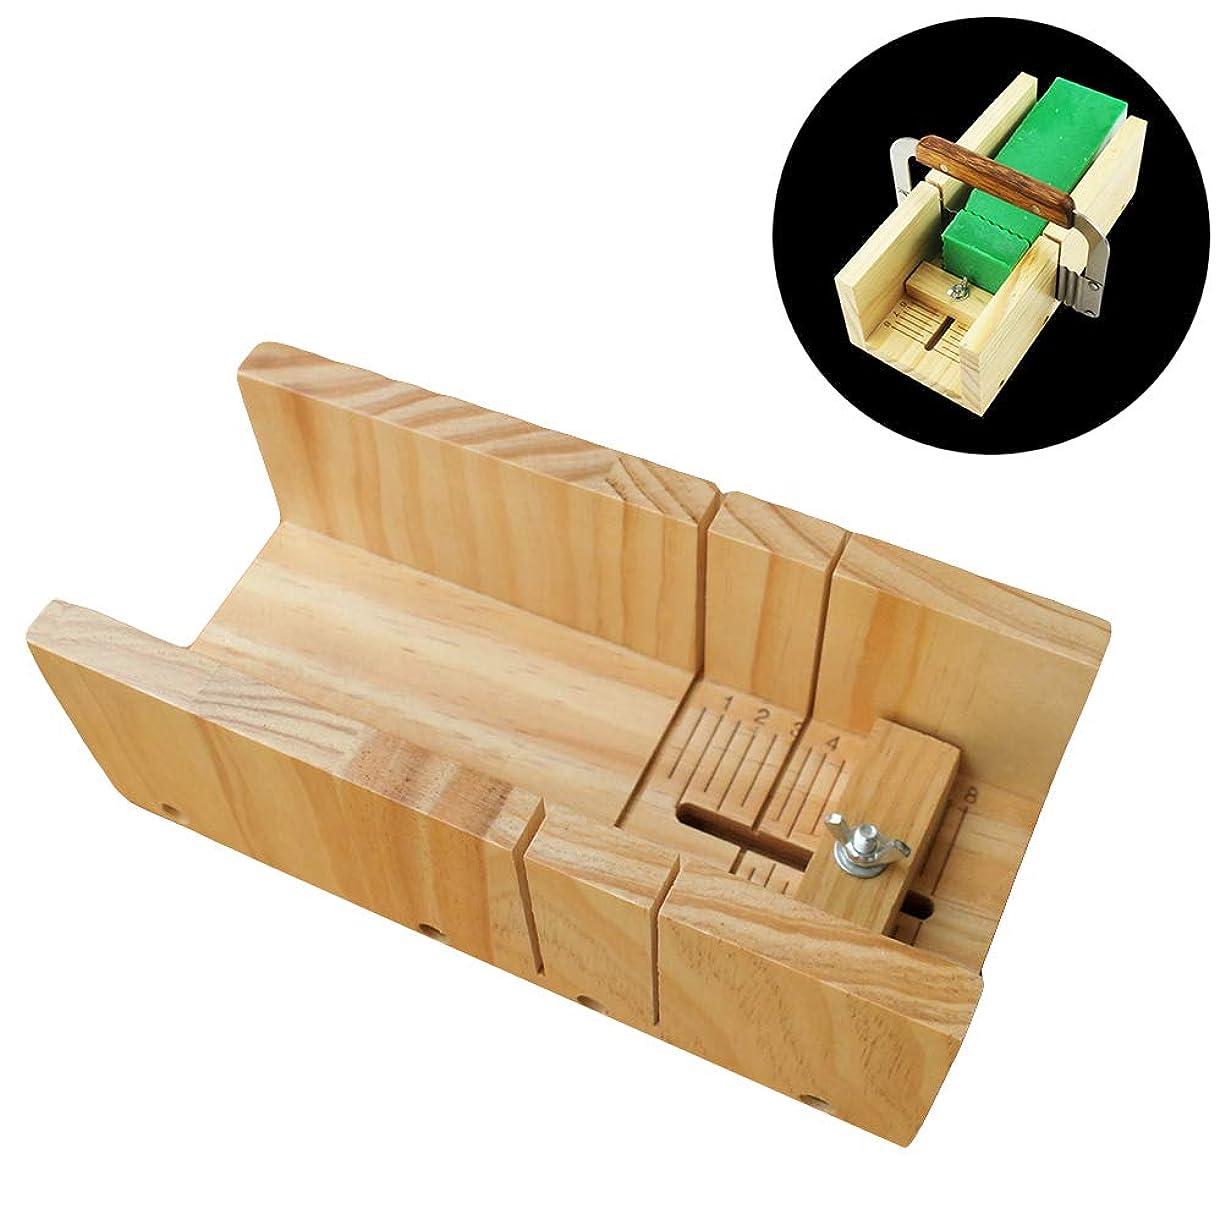 特別にカヌー先例Healifty 木製石鹸カッターモールド石鹸ロープモールド調節可能なカッターモールドボックス石鹸ツールを作る